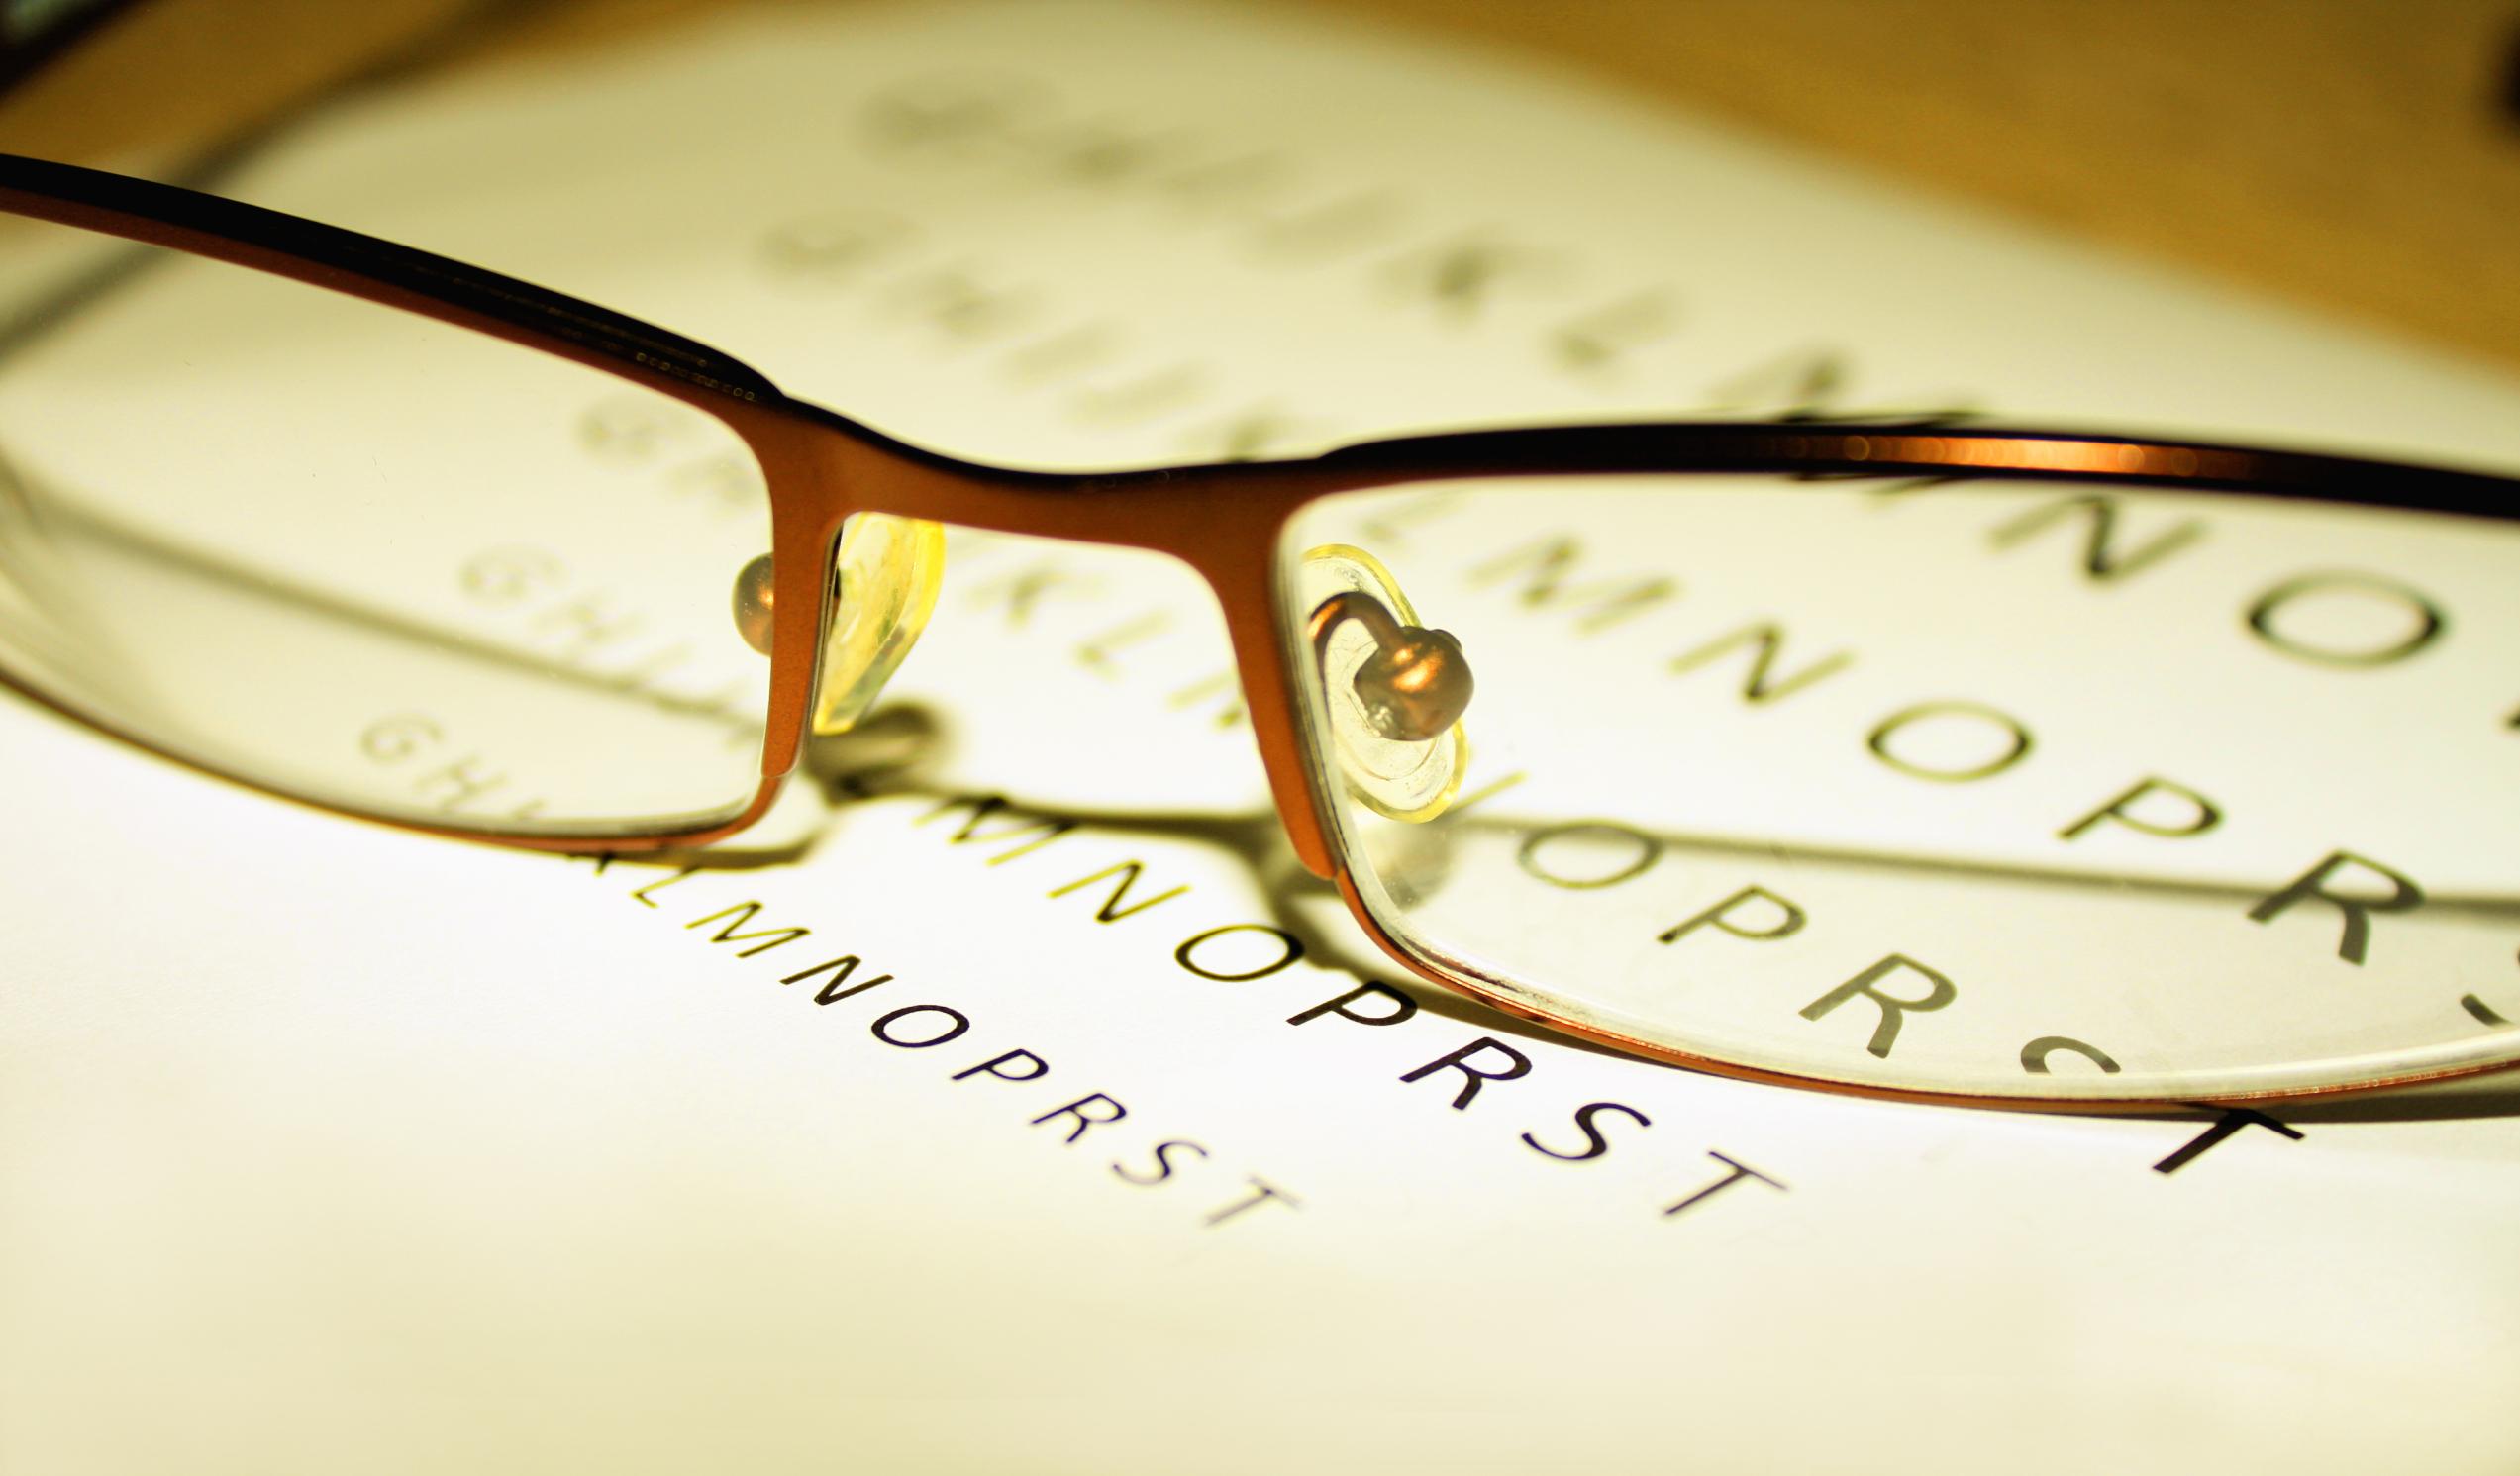 vedere slabă se numește osteocondroza cervicală și vederea